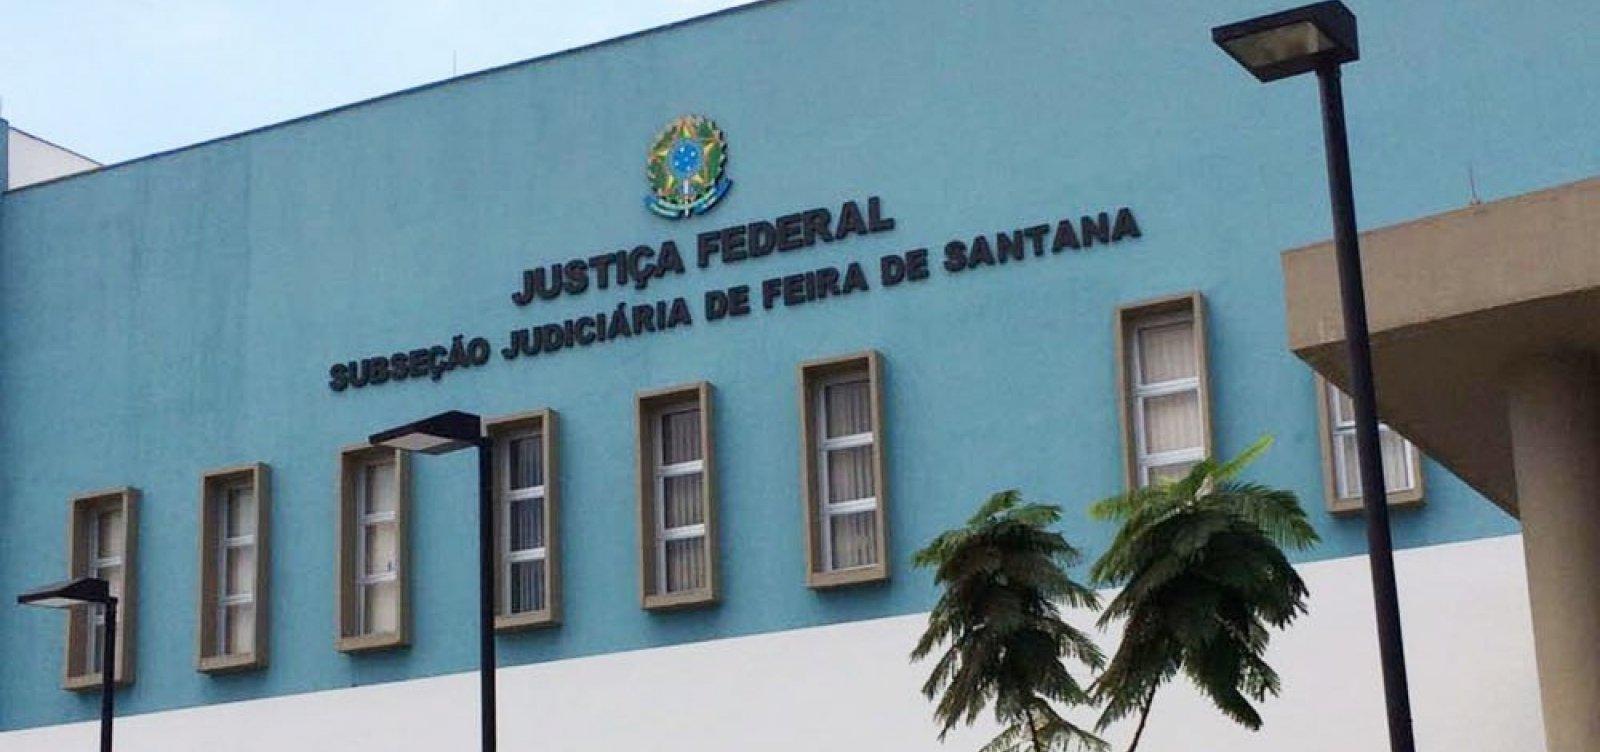 """Juiz de Feira de Santana nega benefício a criança com deficiência para não """"dificultar seu desenvolvimento"""""""